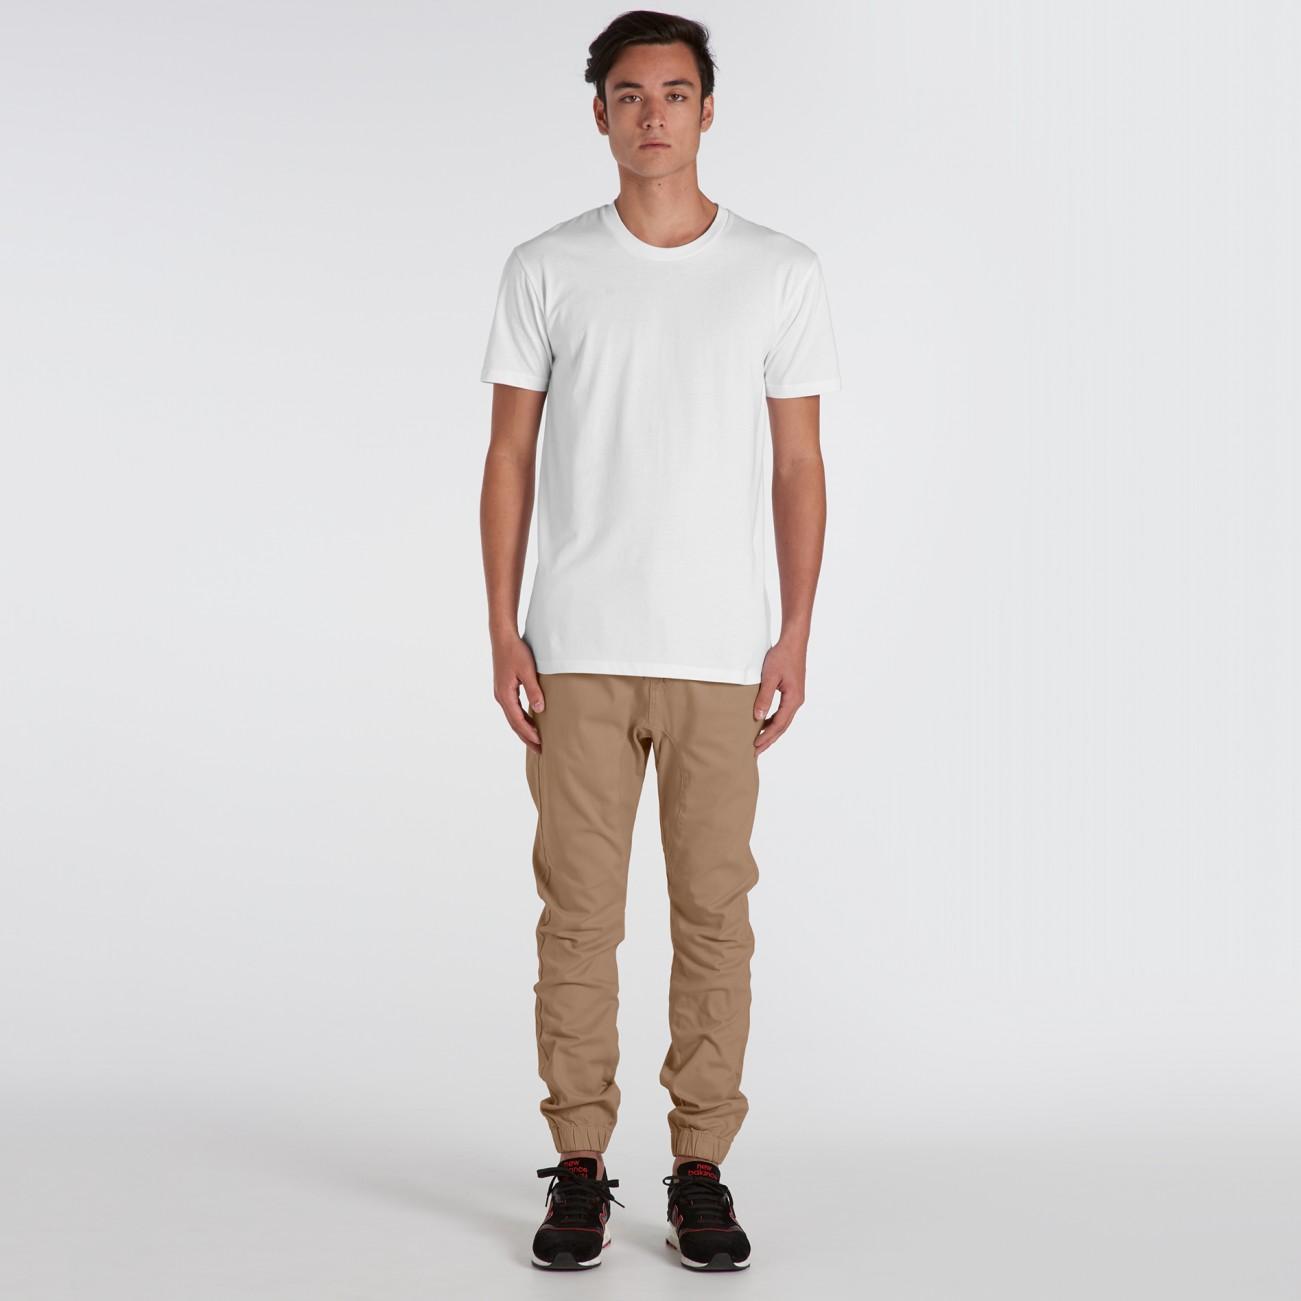 AS Colour Pants & Short